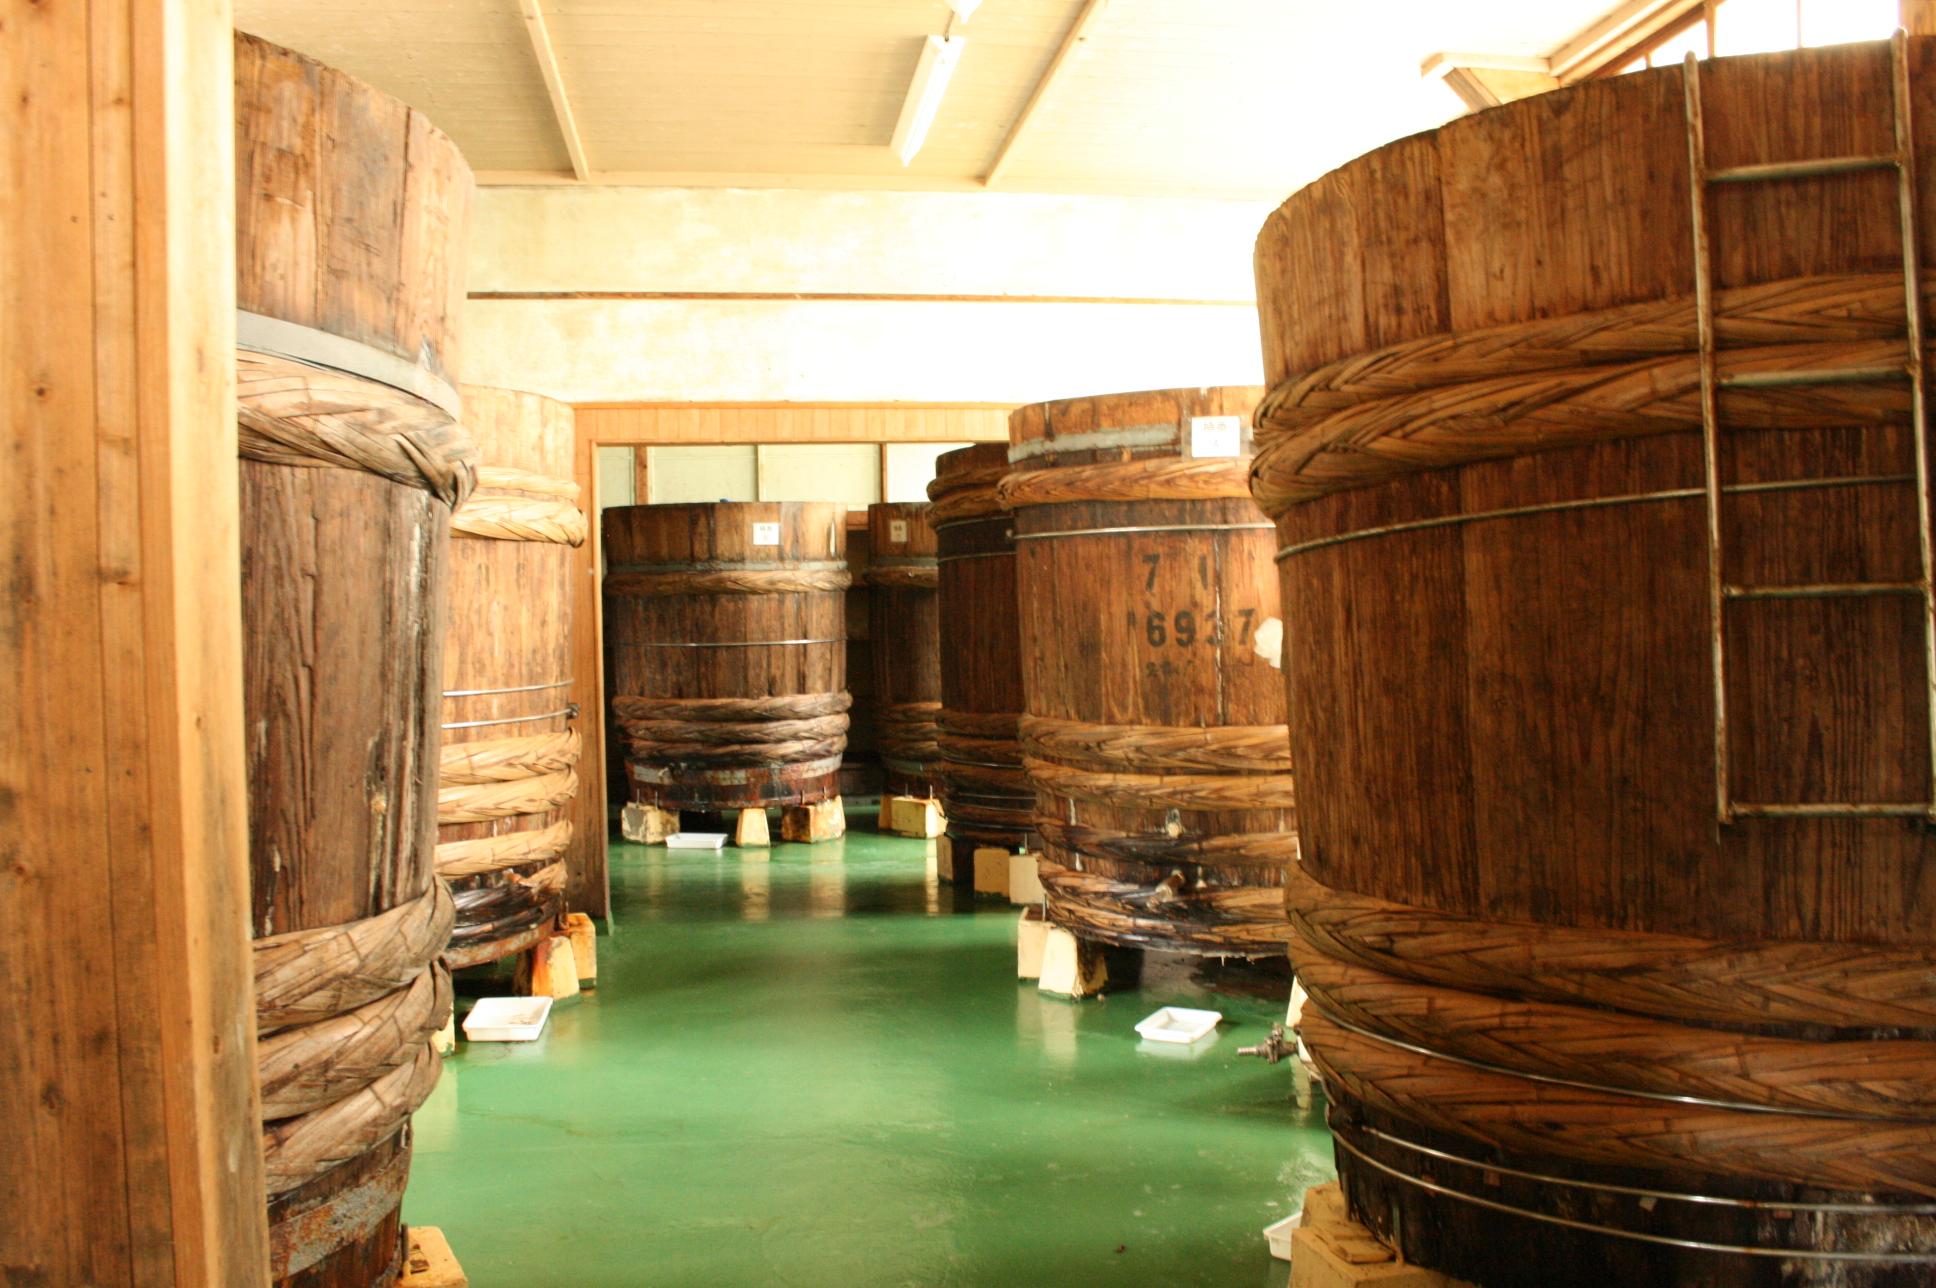 【特別教室】白たまりを手作りしよう!〜日東醸造・蜷川社長を迎えて醤油の話と白たまり作り〜午前